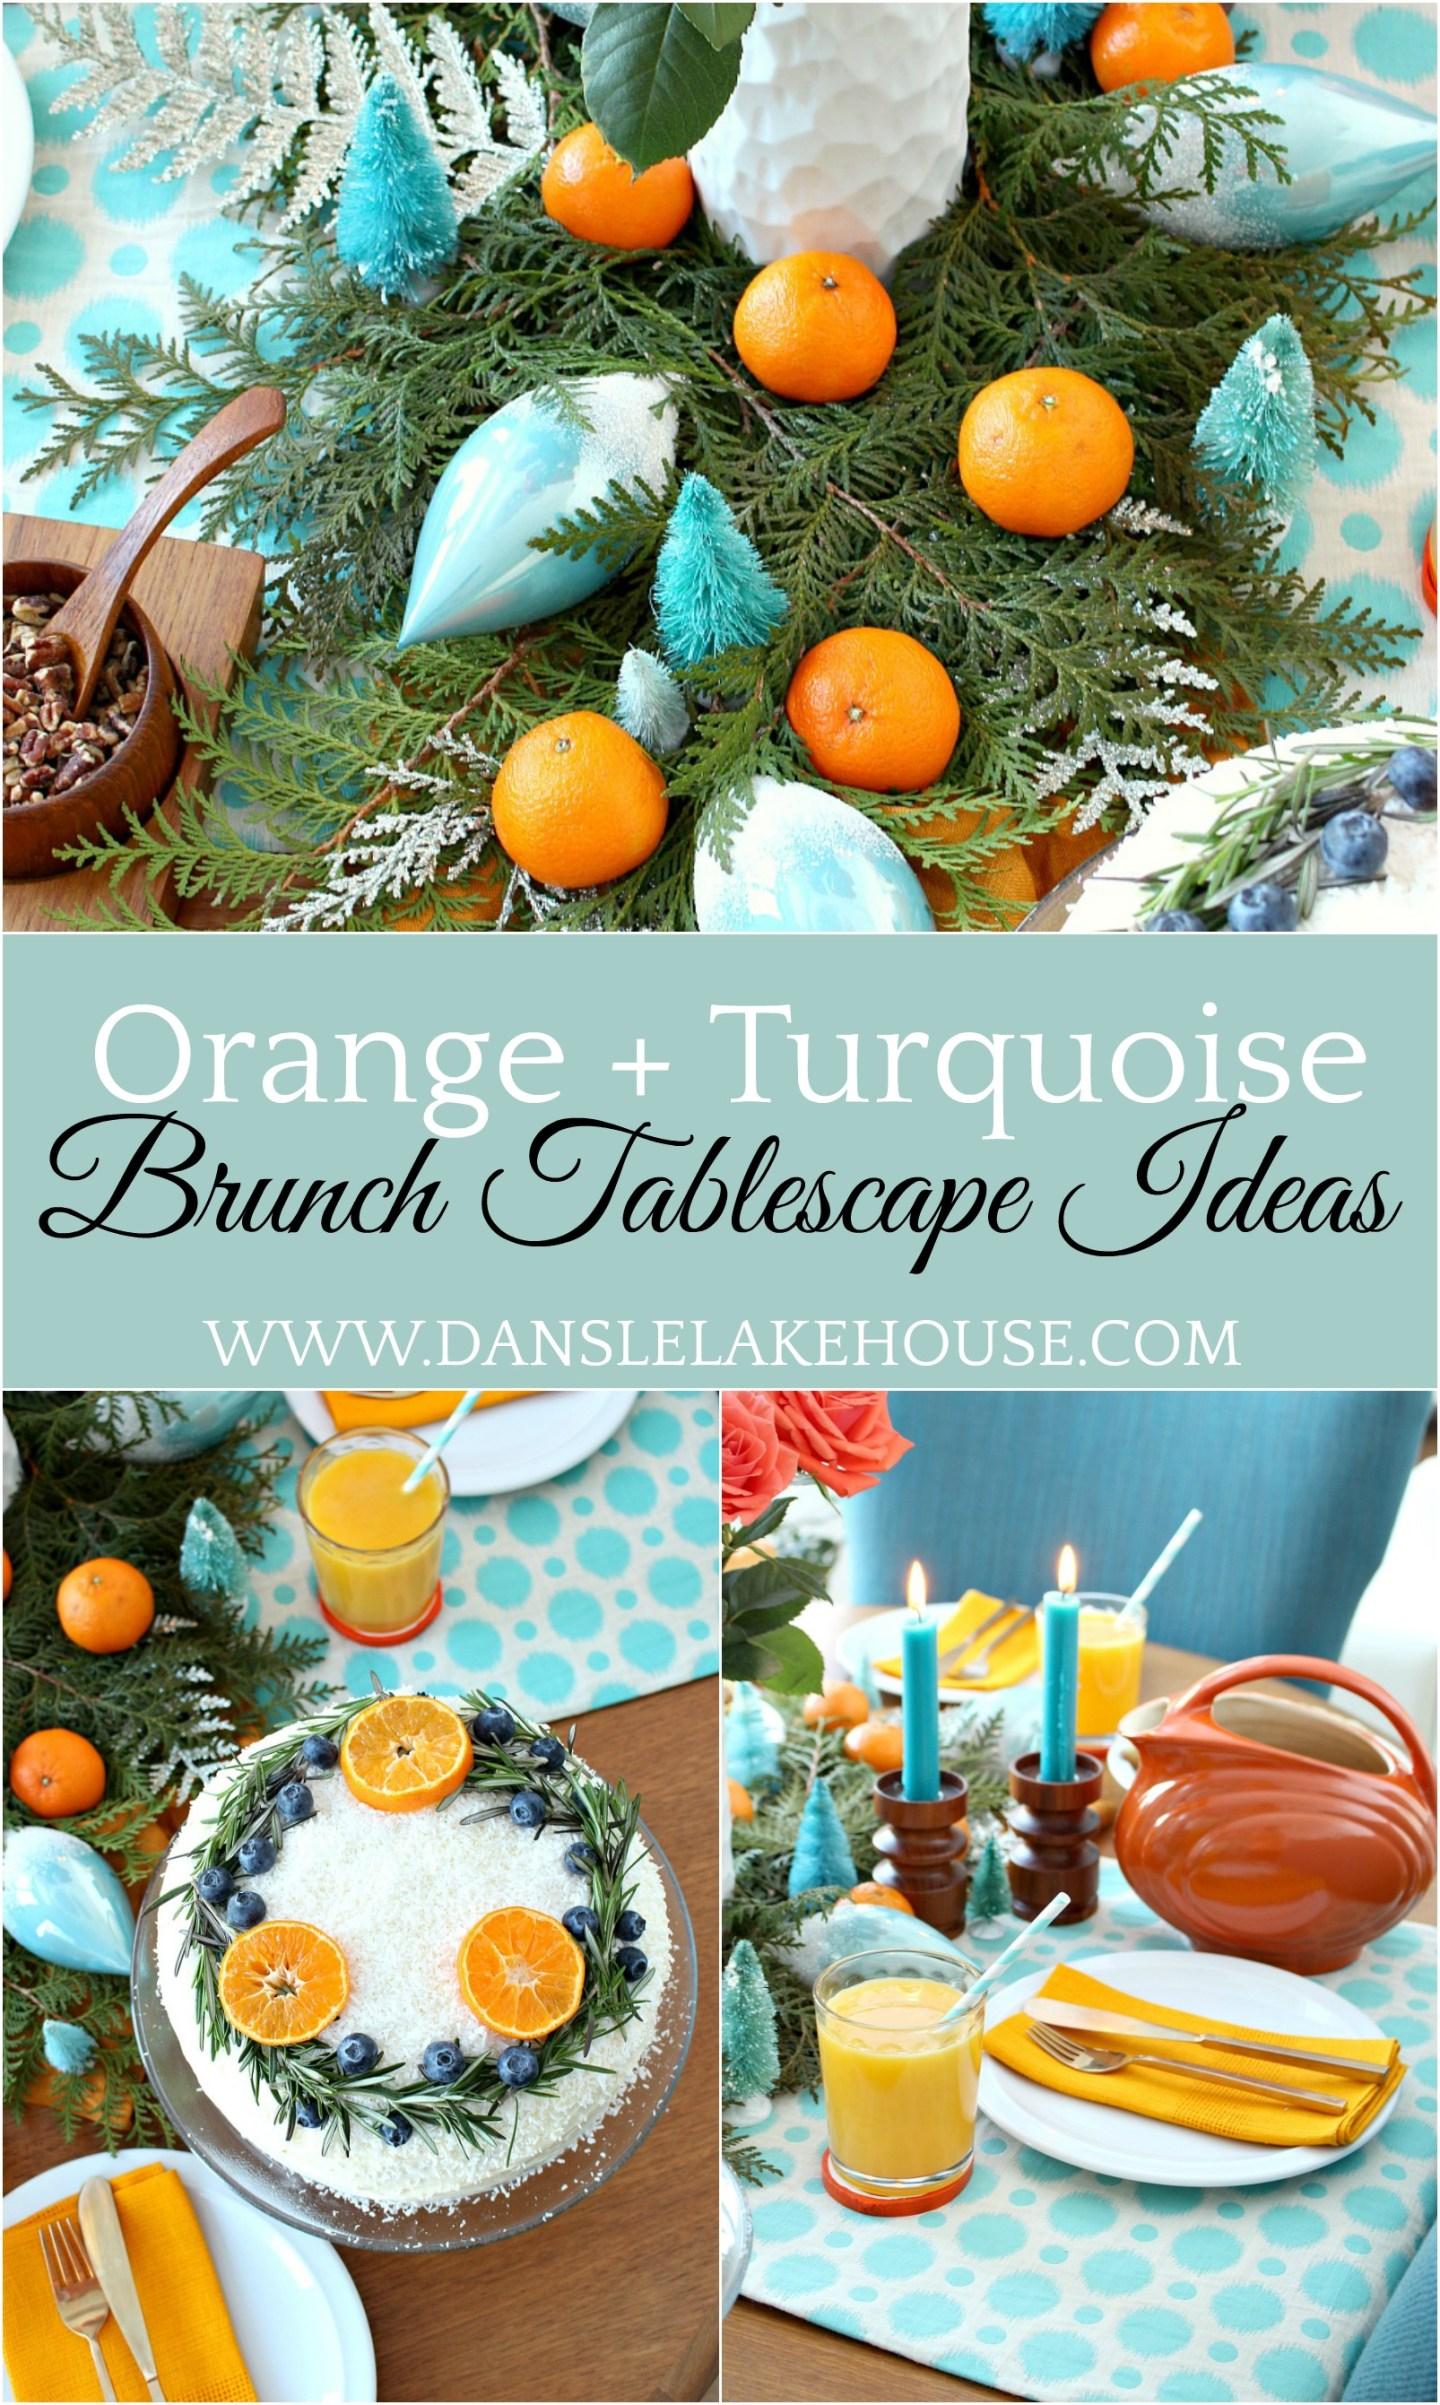 citrus brunch decor ideas - orange and turquoise tablescape